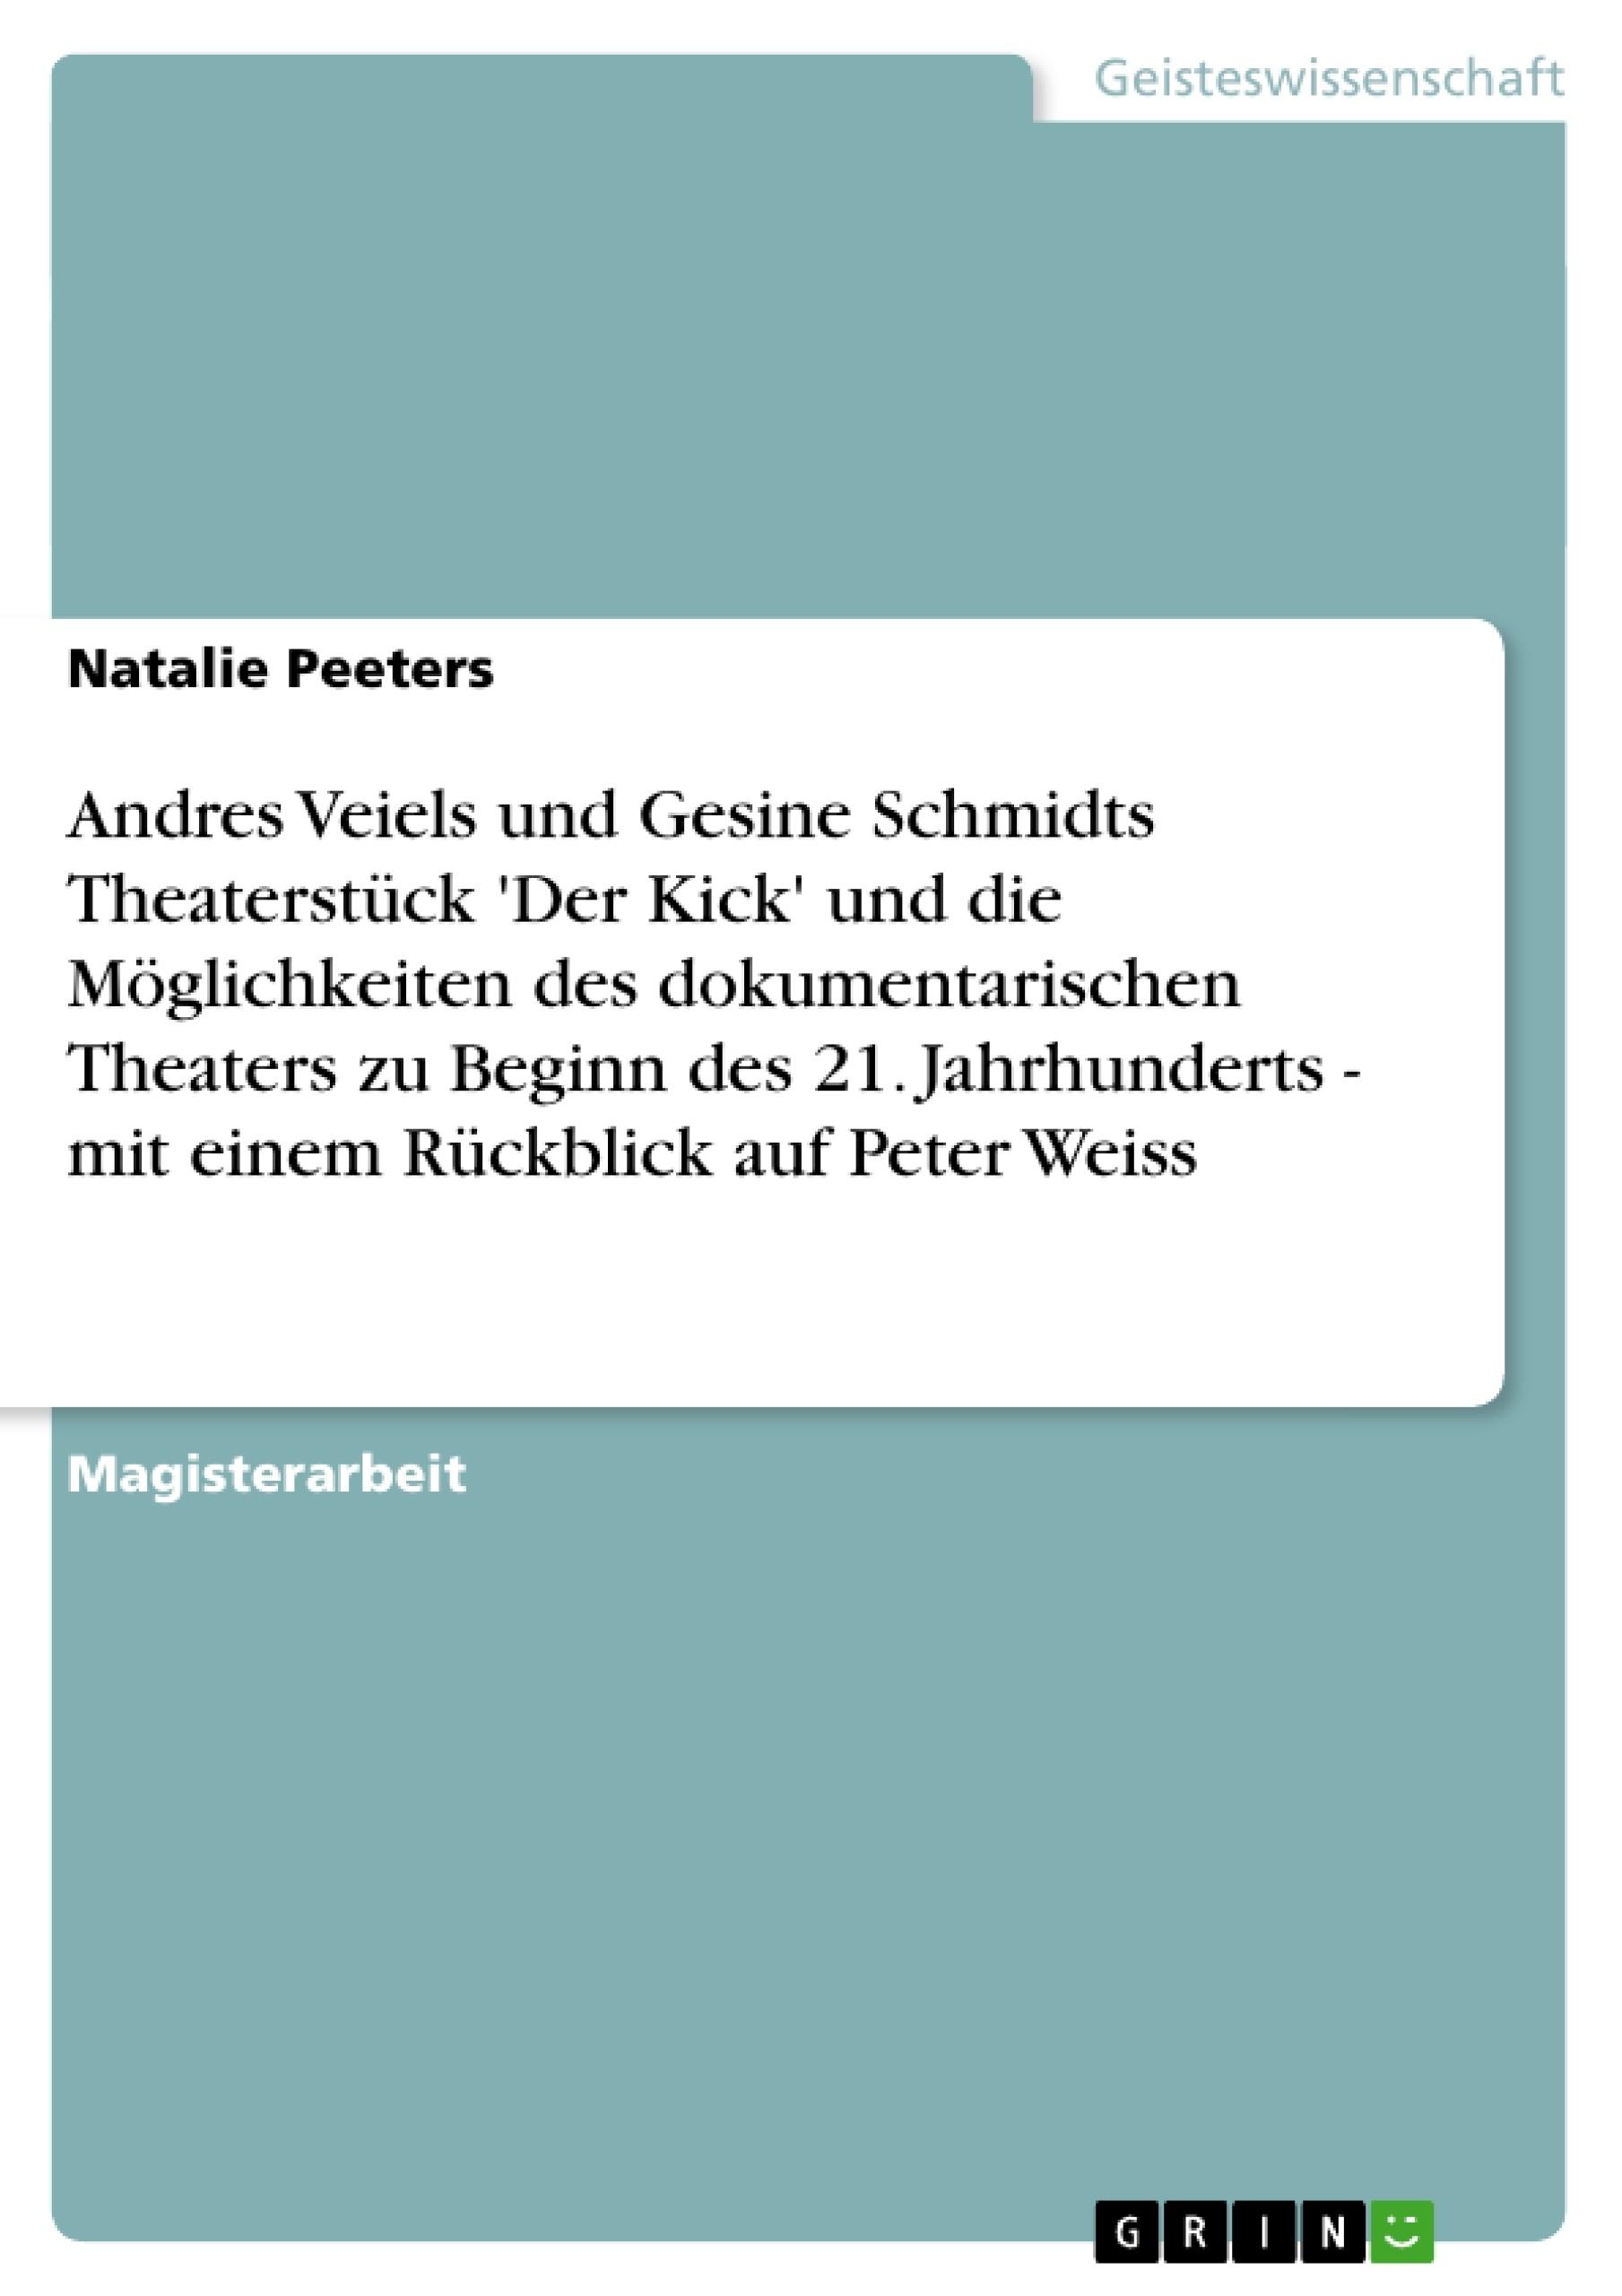 Titel: Andres Veiels und Gesine Schmidts Theaterstück 'Der Kick' und die Möglichkeiten des dokumentarischen Theaters zu Beginn des 21. Jahrhunderts - mit einem Rückblick auf Peter Weiss